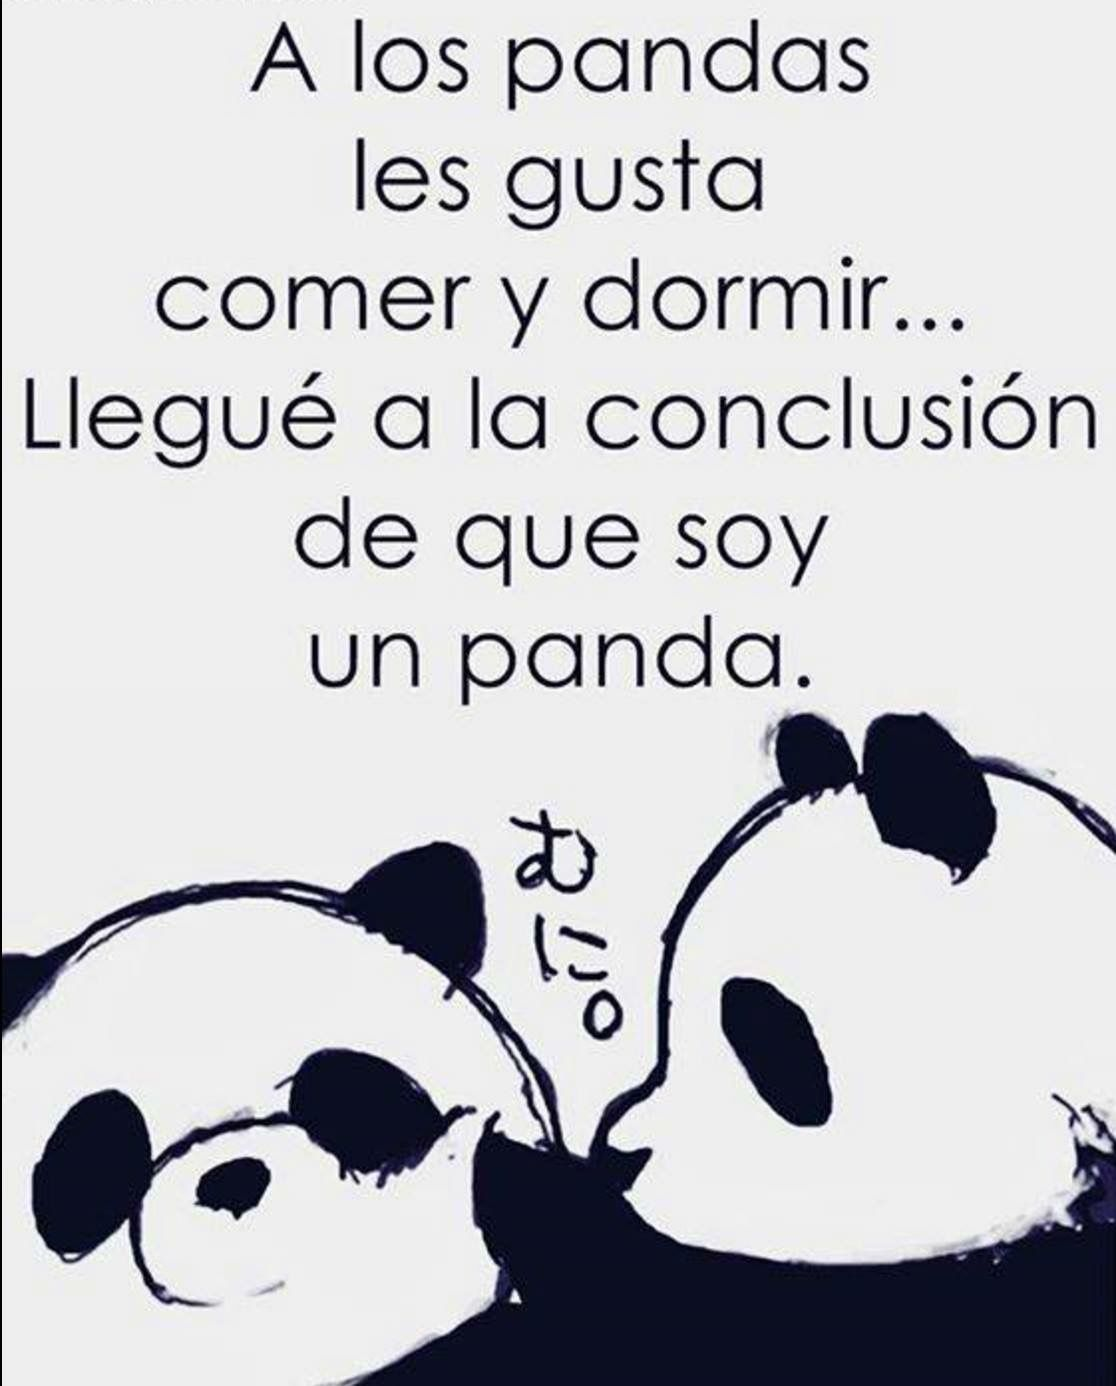 Panda Quotes A Los Panda Les Gusta Comer Y Dormir Llegue A La Conclusión De Que